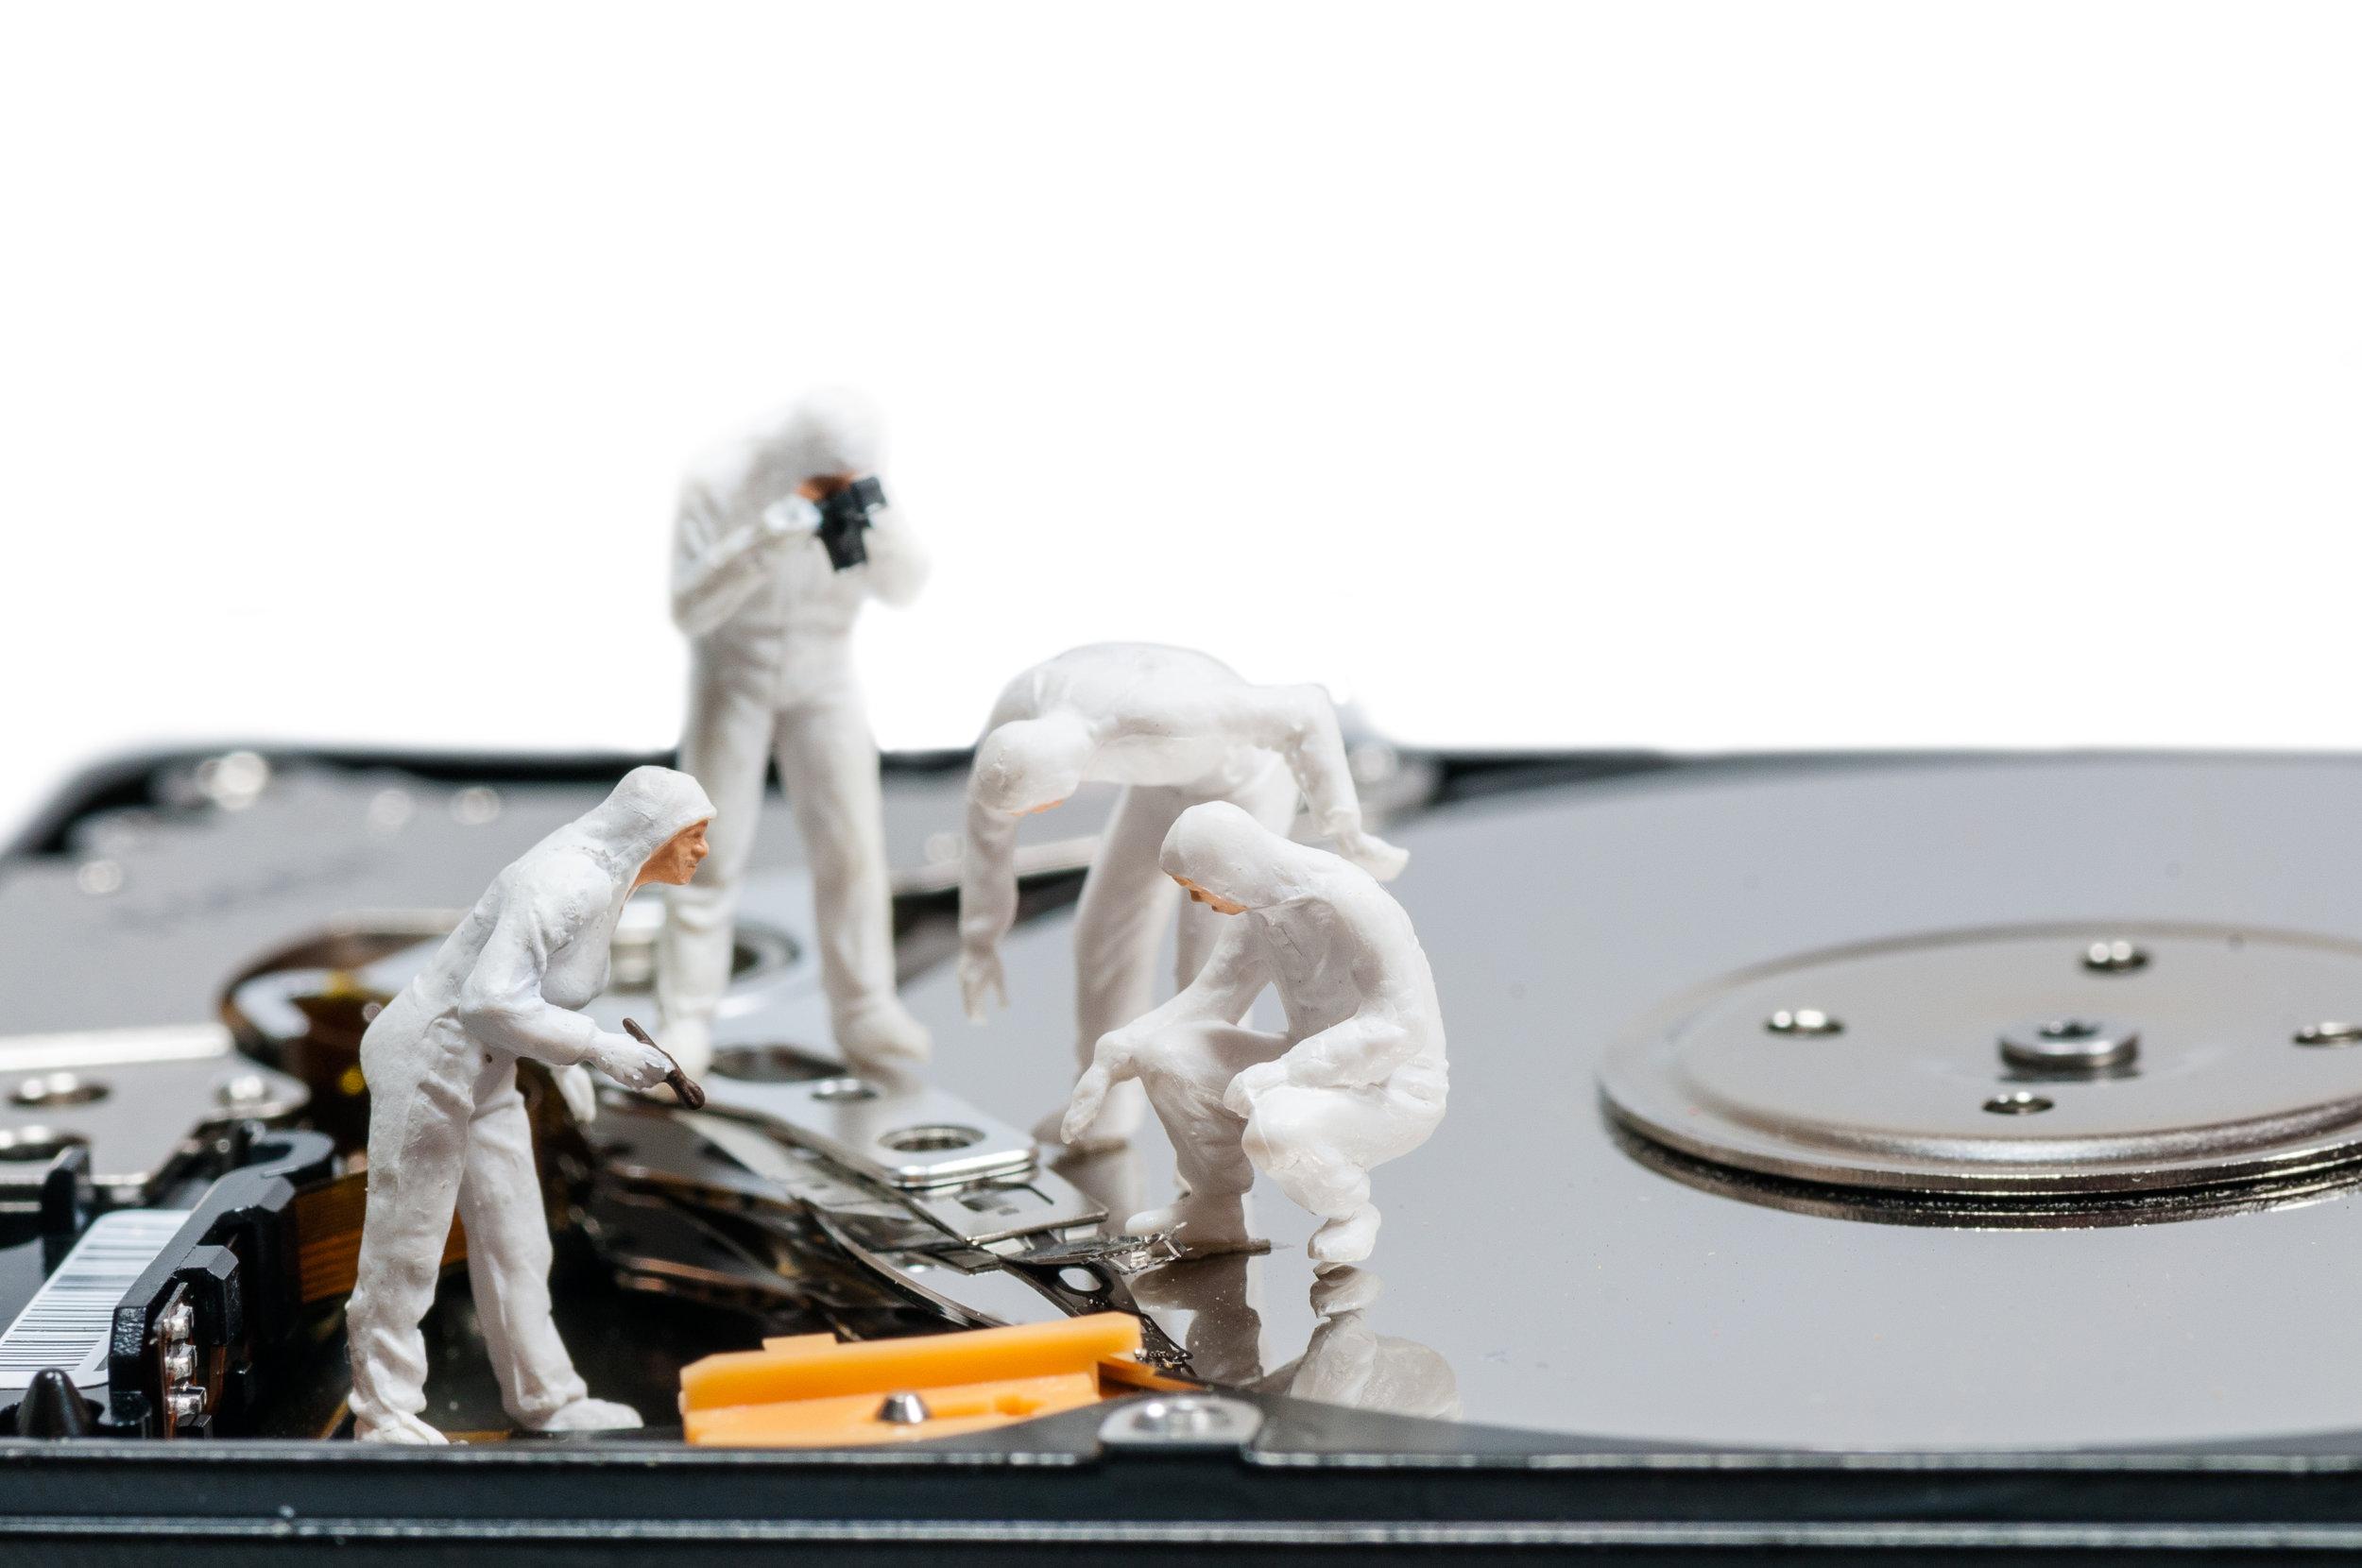 photodune-7442593-group-of-criminologists-inspecting-broken-hard-rive-xl.jpg